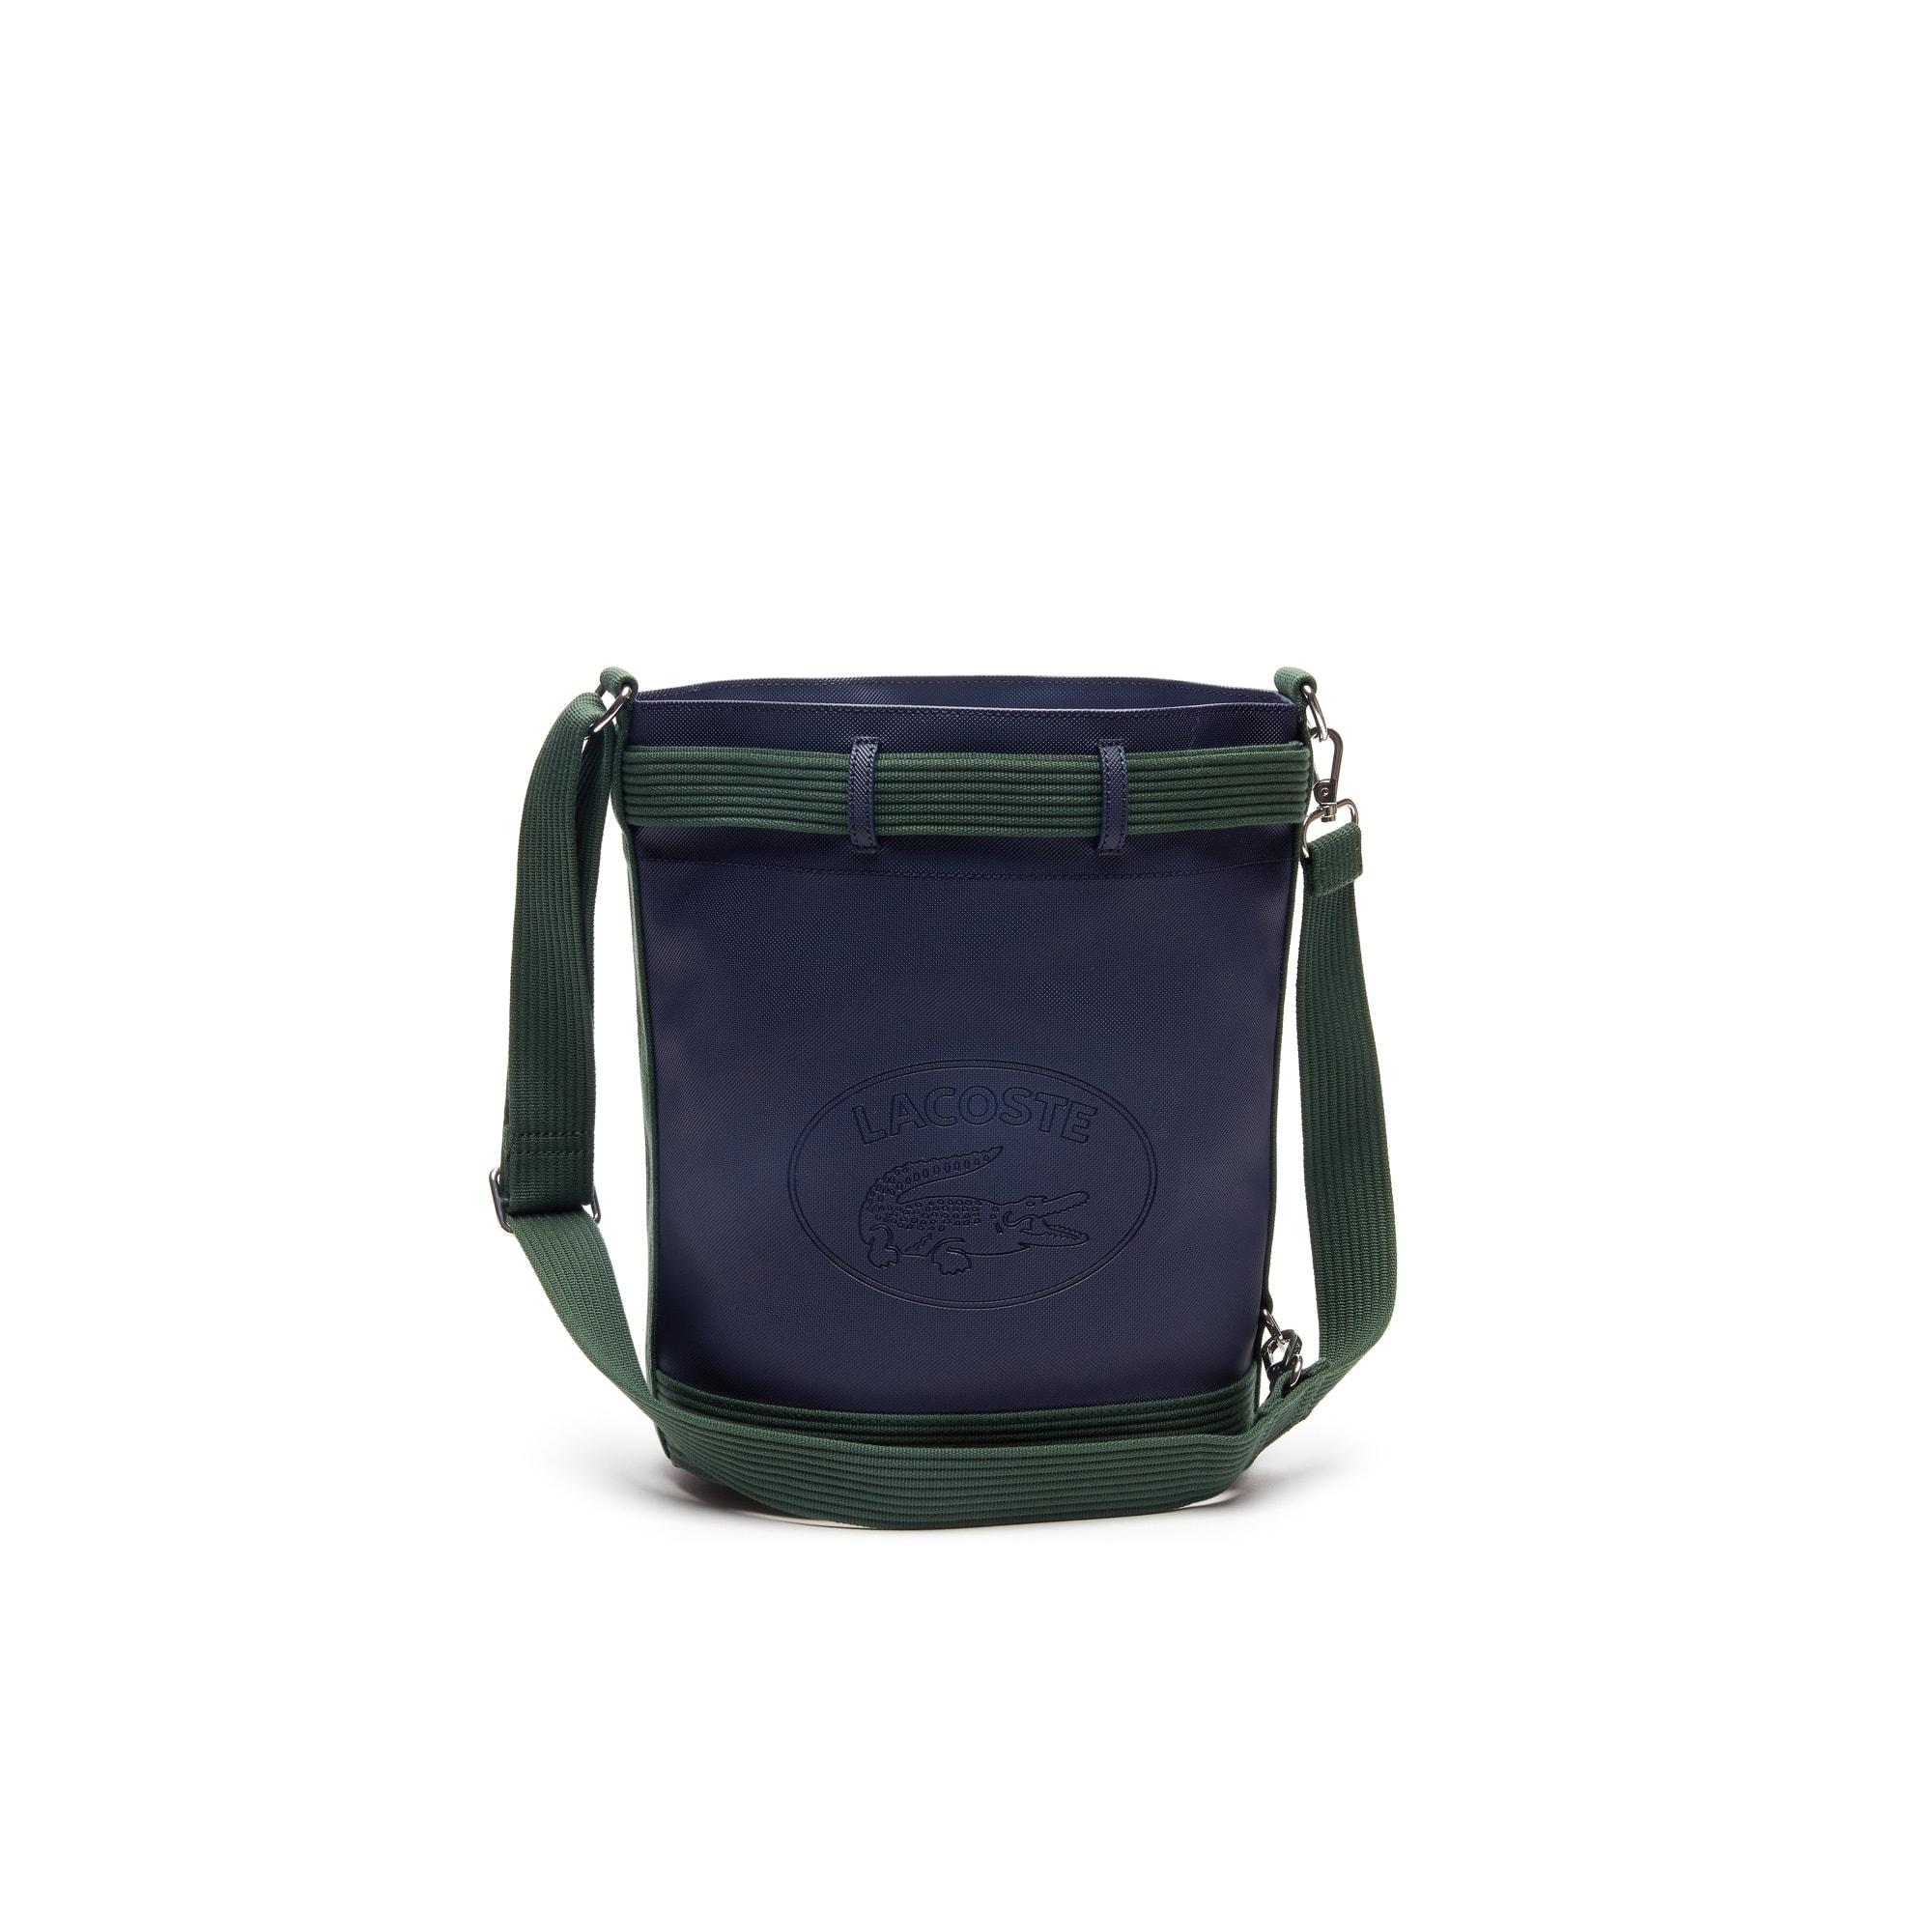 Klassieke bucketbag van gecoat piqué met colorblockpatroon